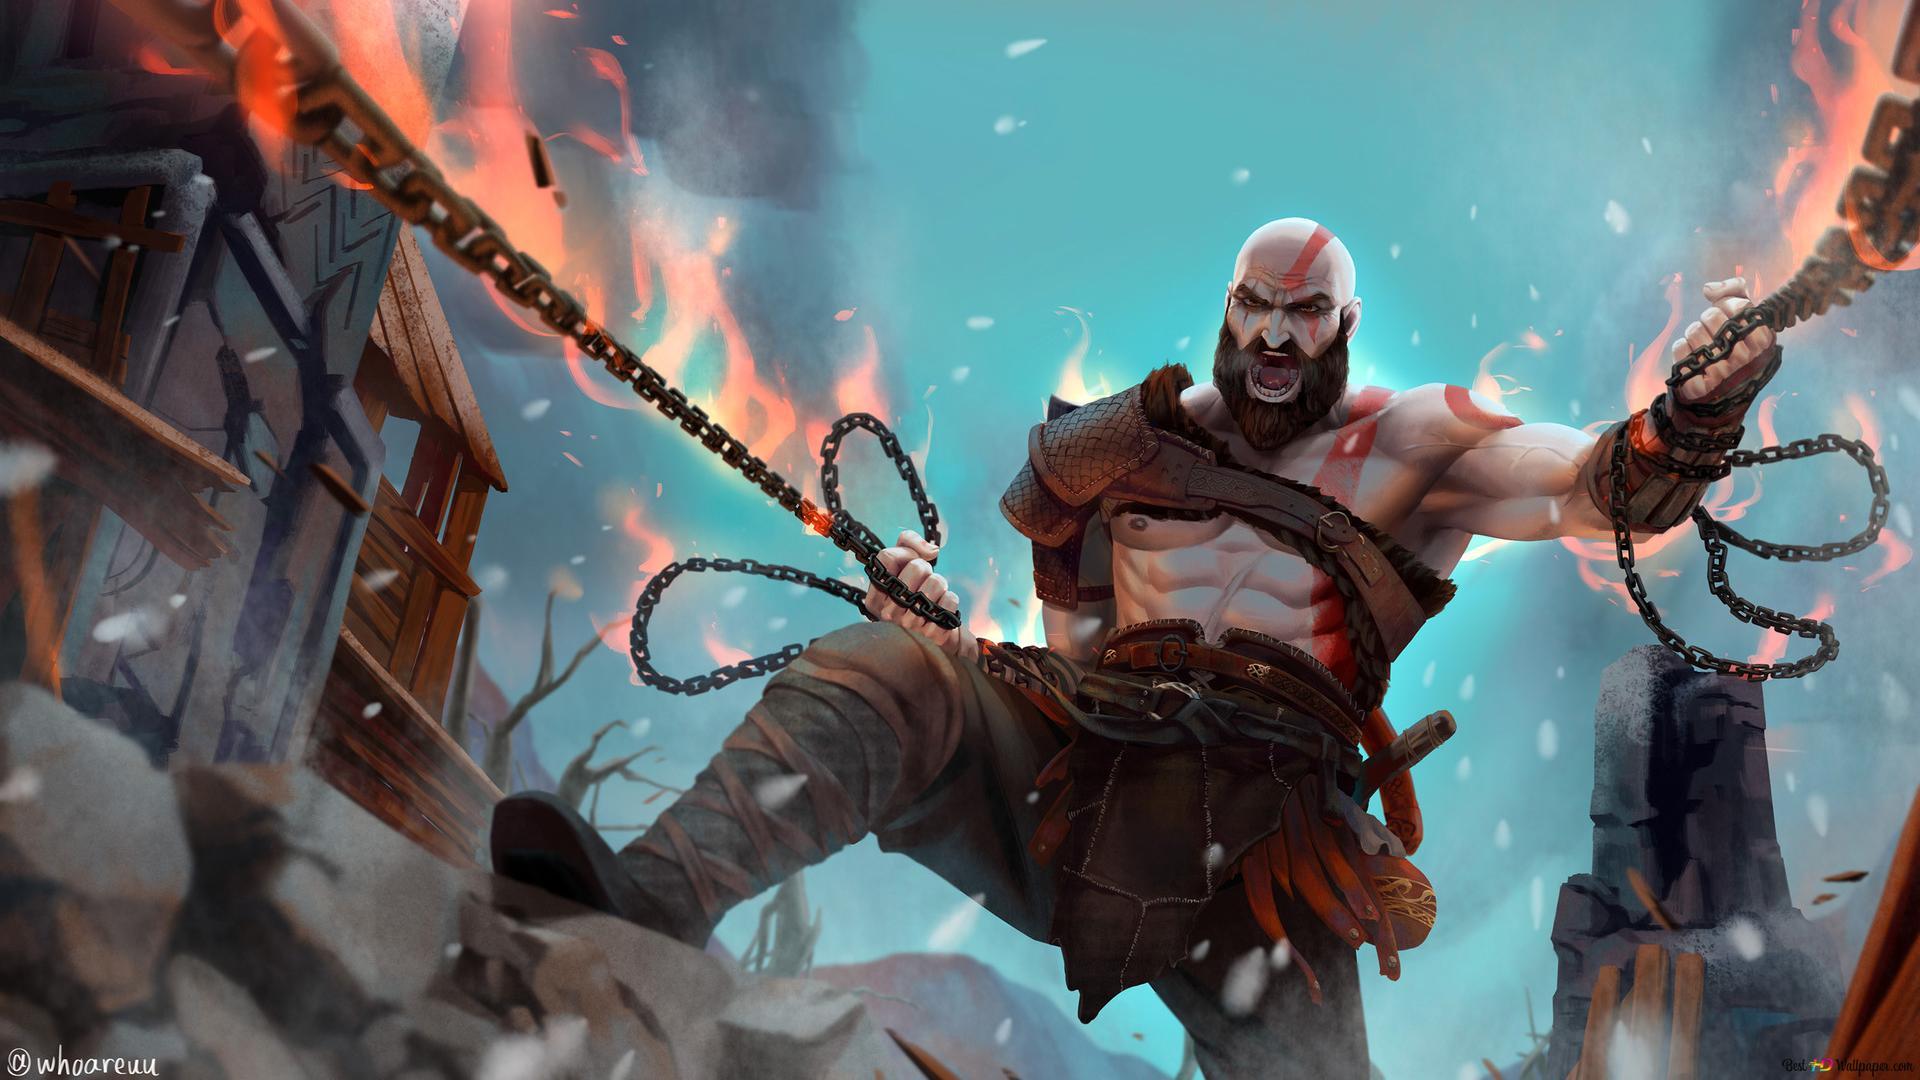 Descargar Fondo De Pantalla God Of War Kratos Fanart